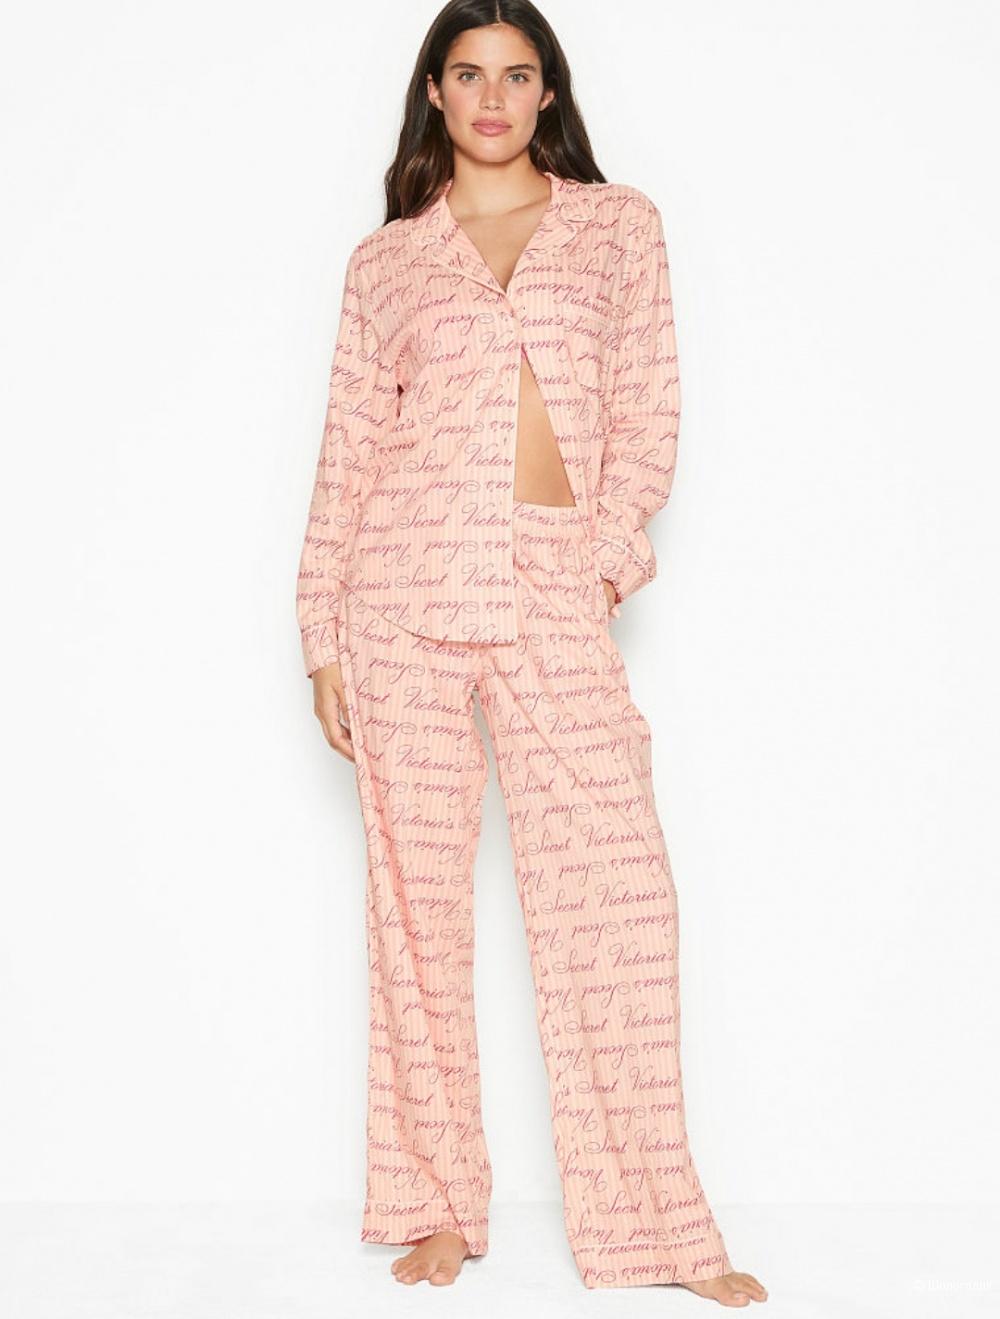 Пижама от Victoria's Secret, размер М